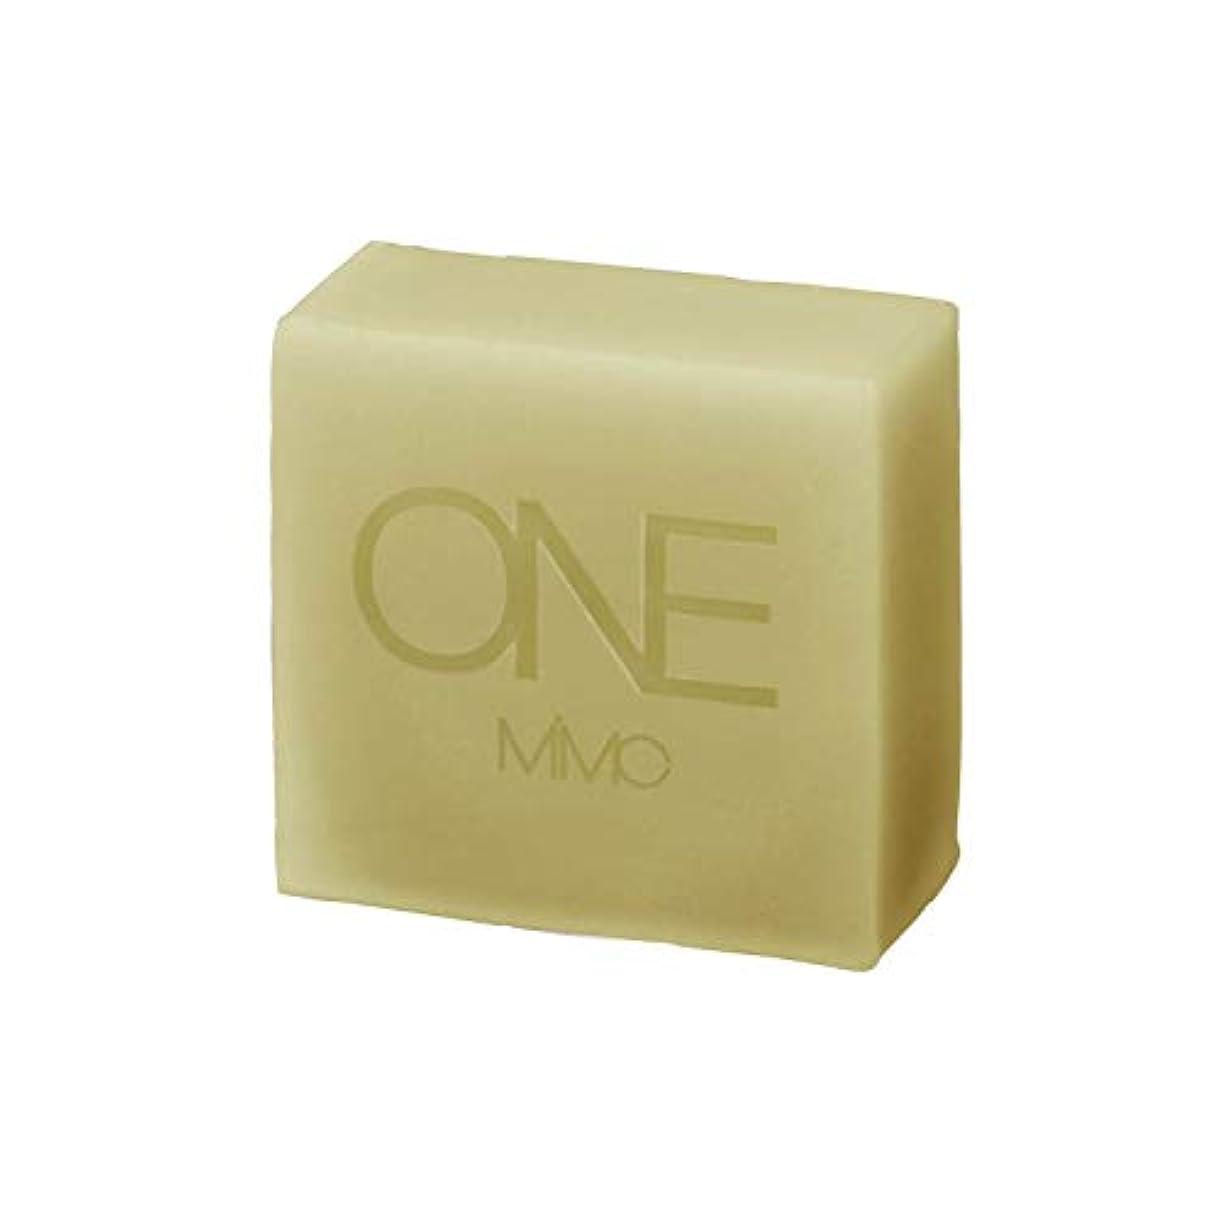 ロケーションインターネット牽引【MiMC ONE(エムアイエムシー ワン)】ハーブプロテクトソープ フォーアウトドア/アブサンガード 85g